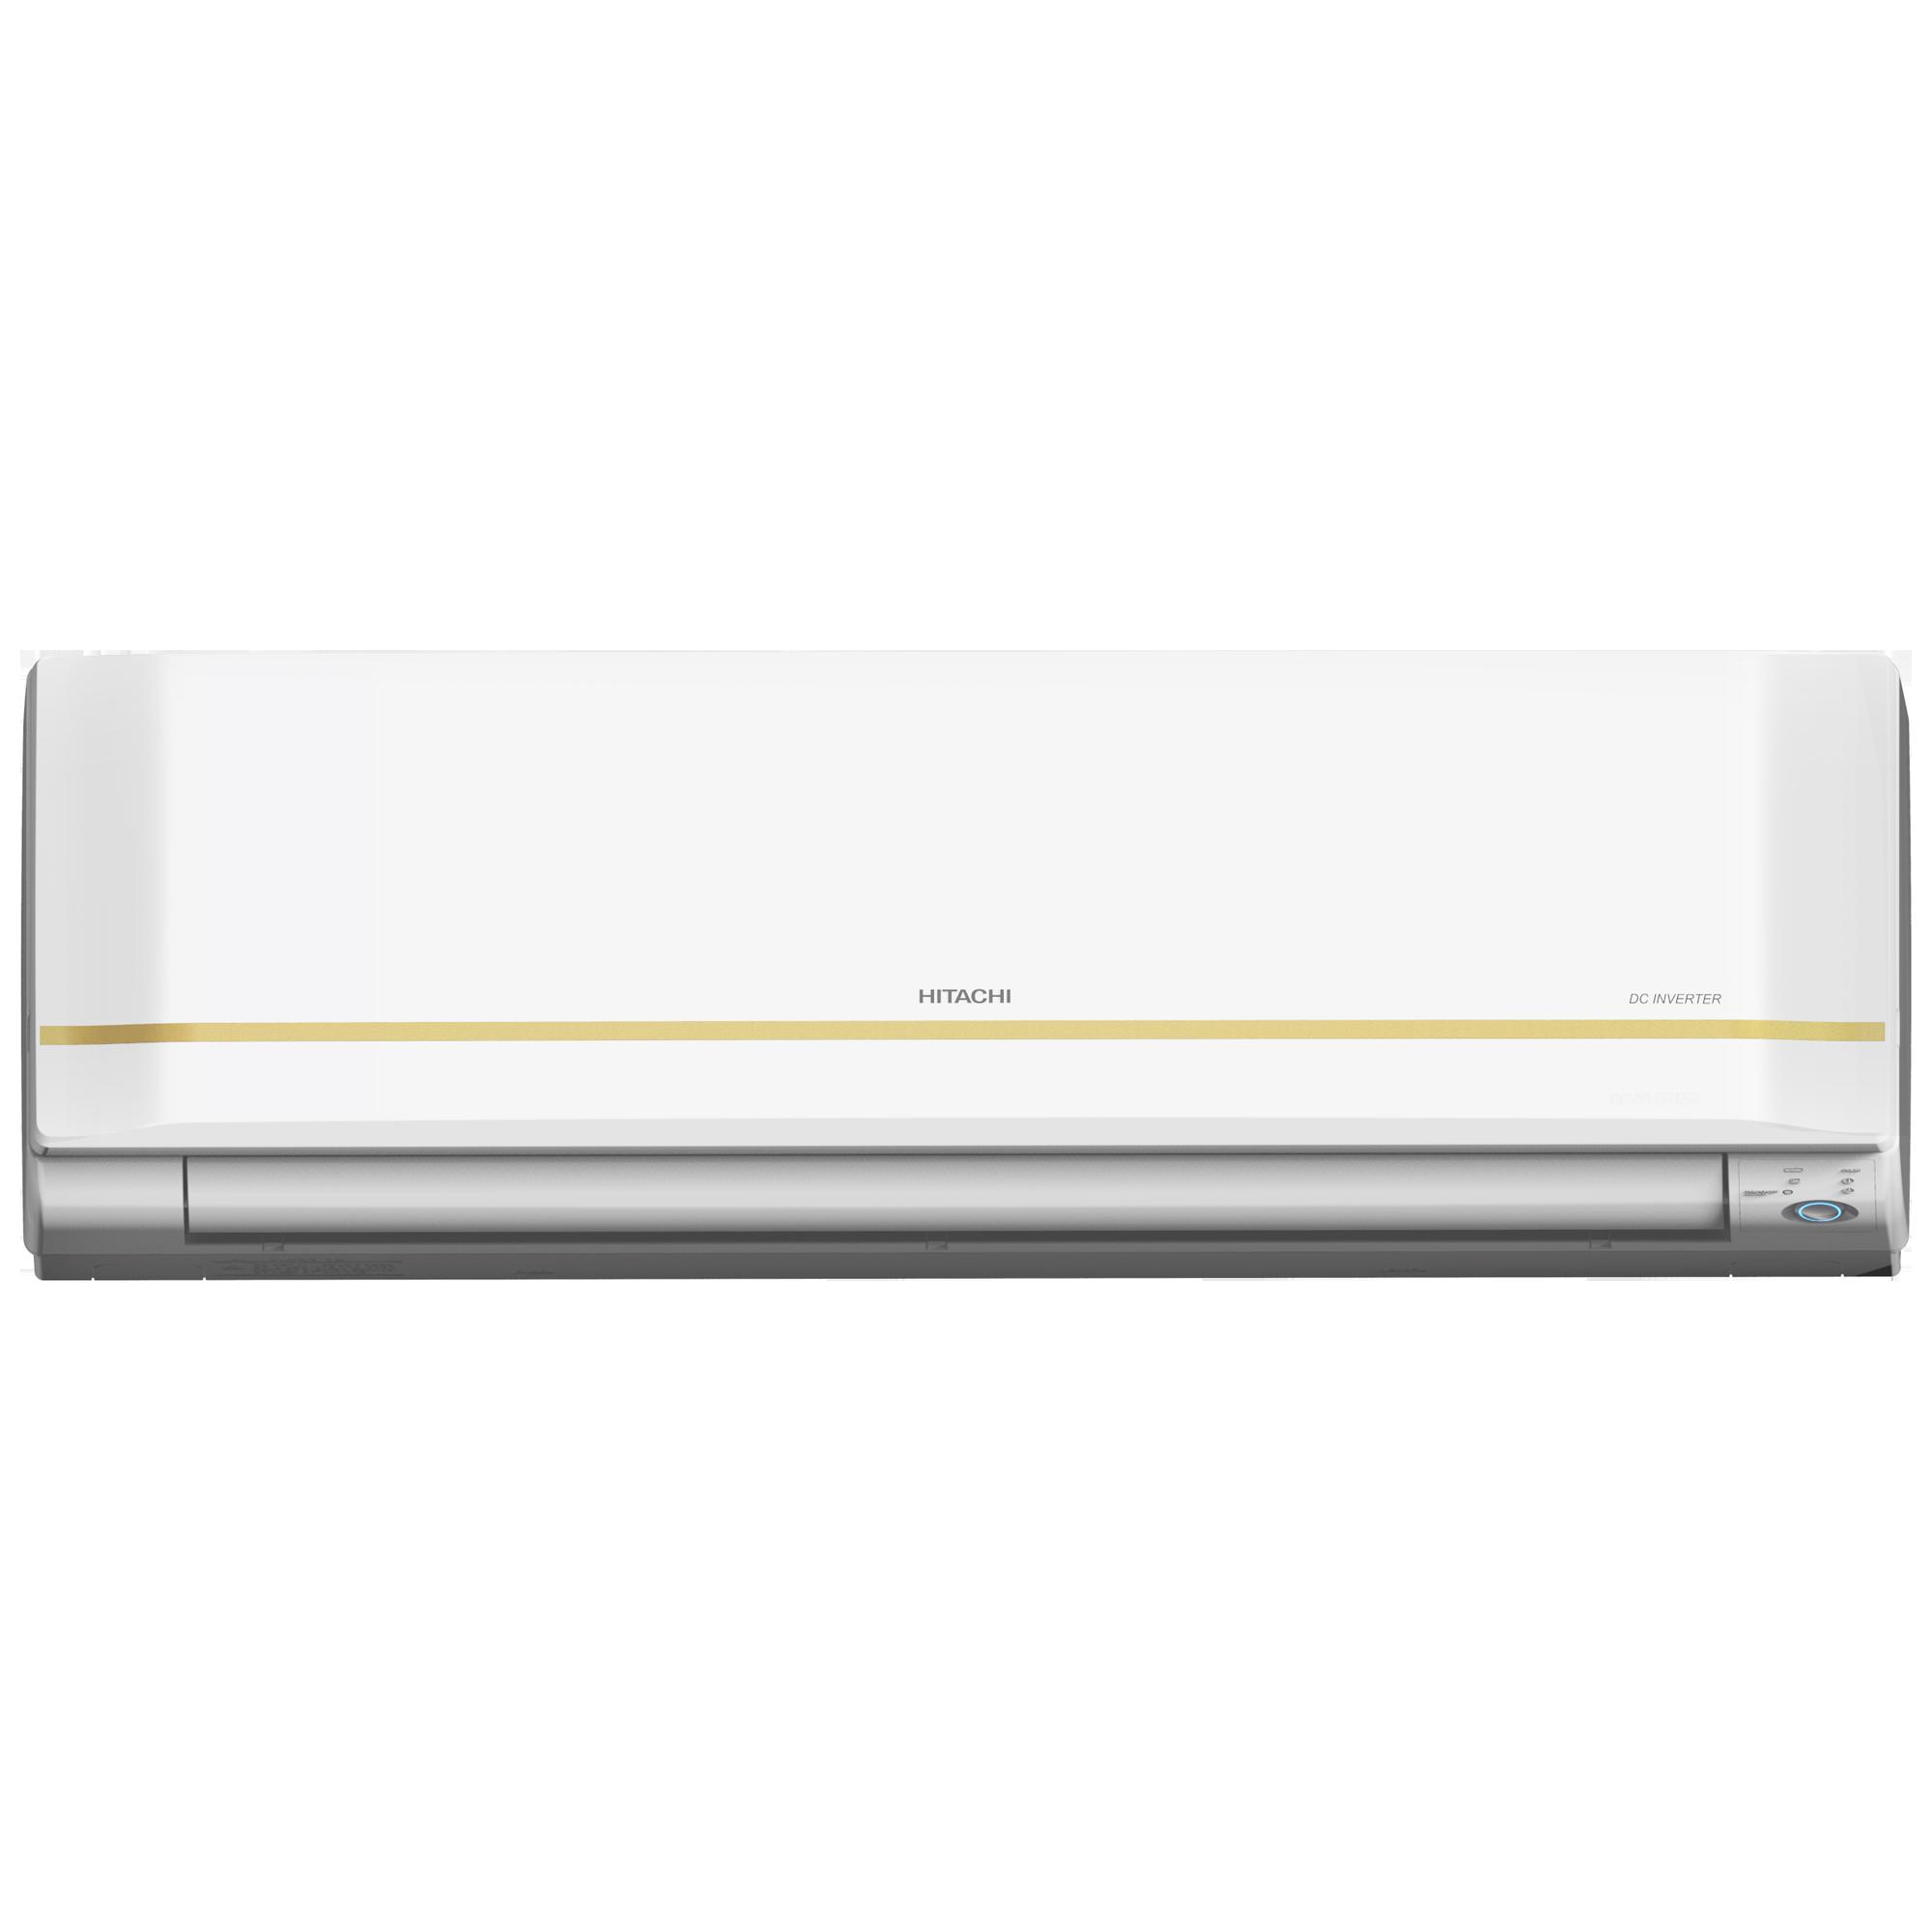 Hitachi Kiyora 5300X I-Clean 2 Ton 5 Star Inverter Split AC (Copper Condenser, RMRG524IEEA, White)_1